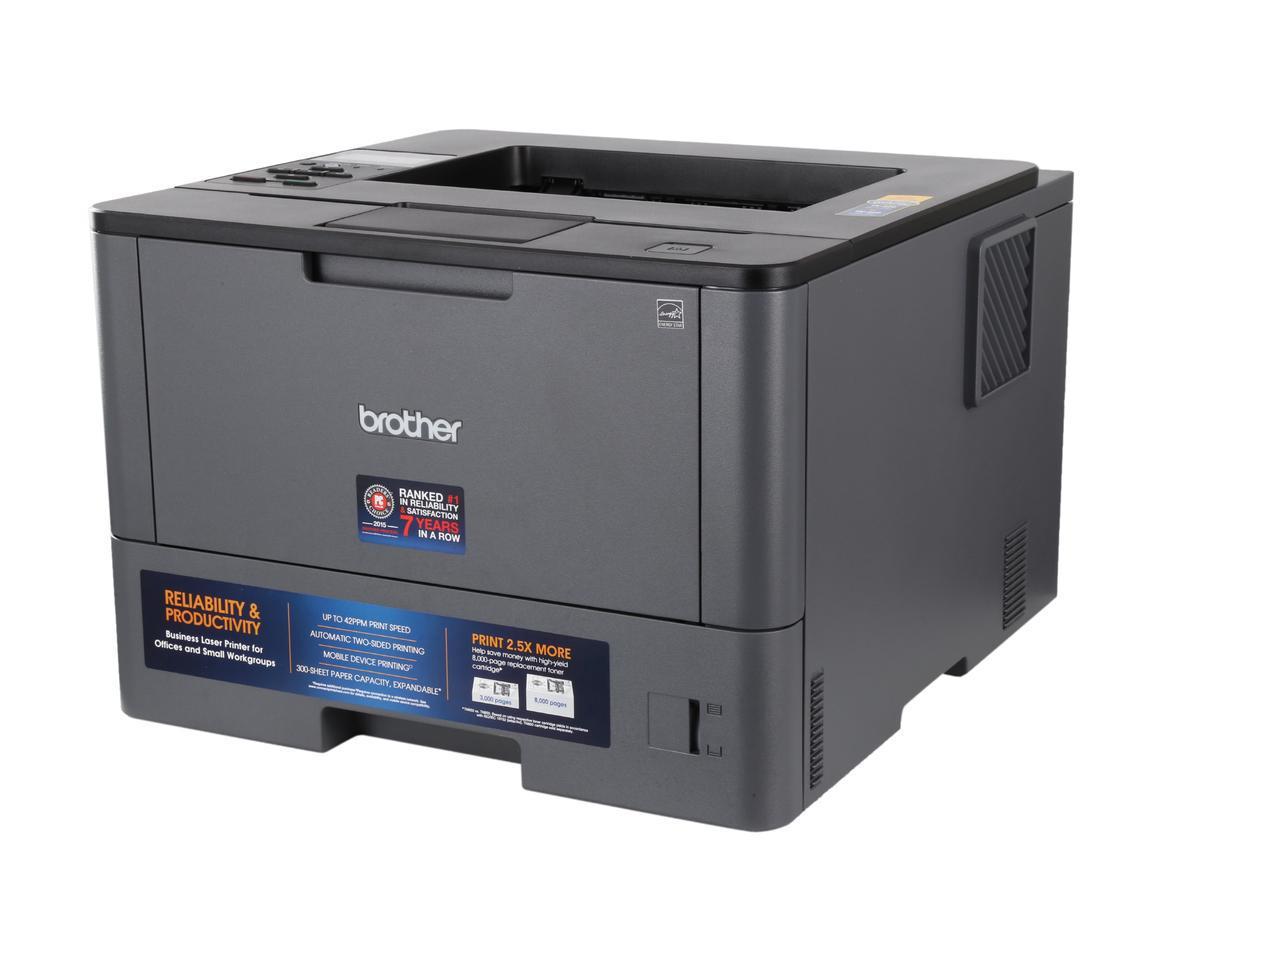 Brother HL-L5100DN Duplex 1200 x 1200 DPI USB Mono Laser Printer $119.99